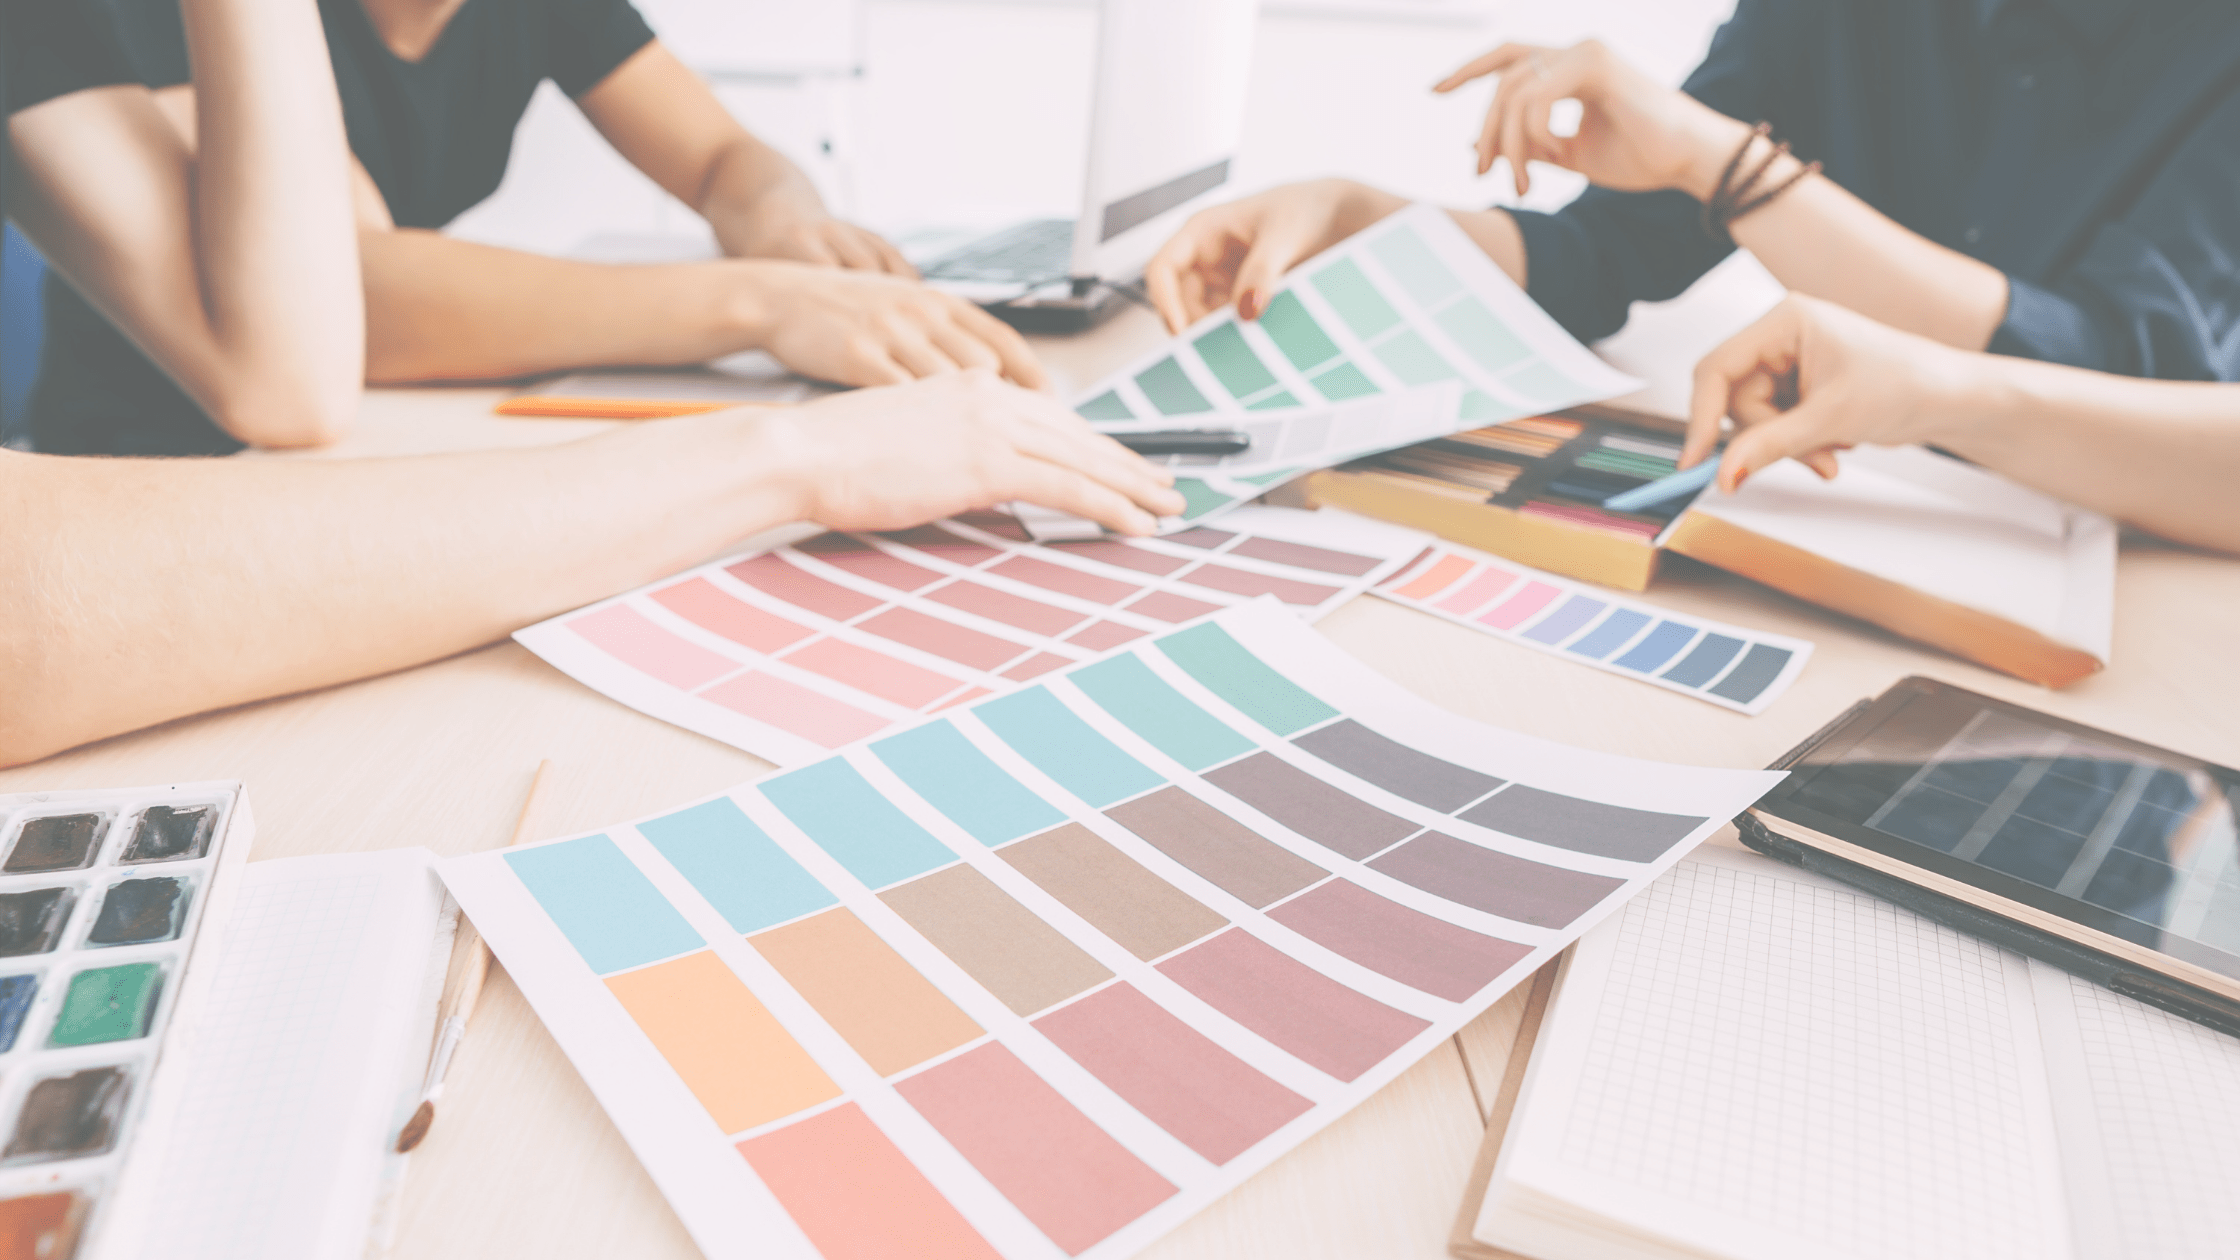 Graphic Design Team meeting